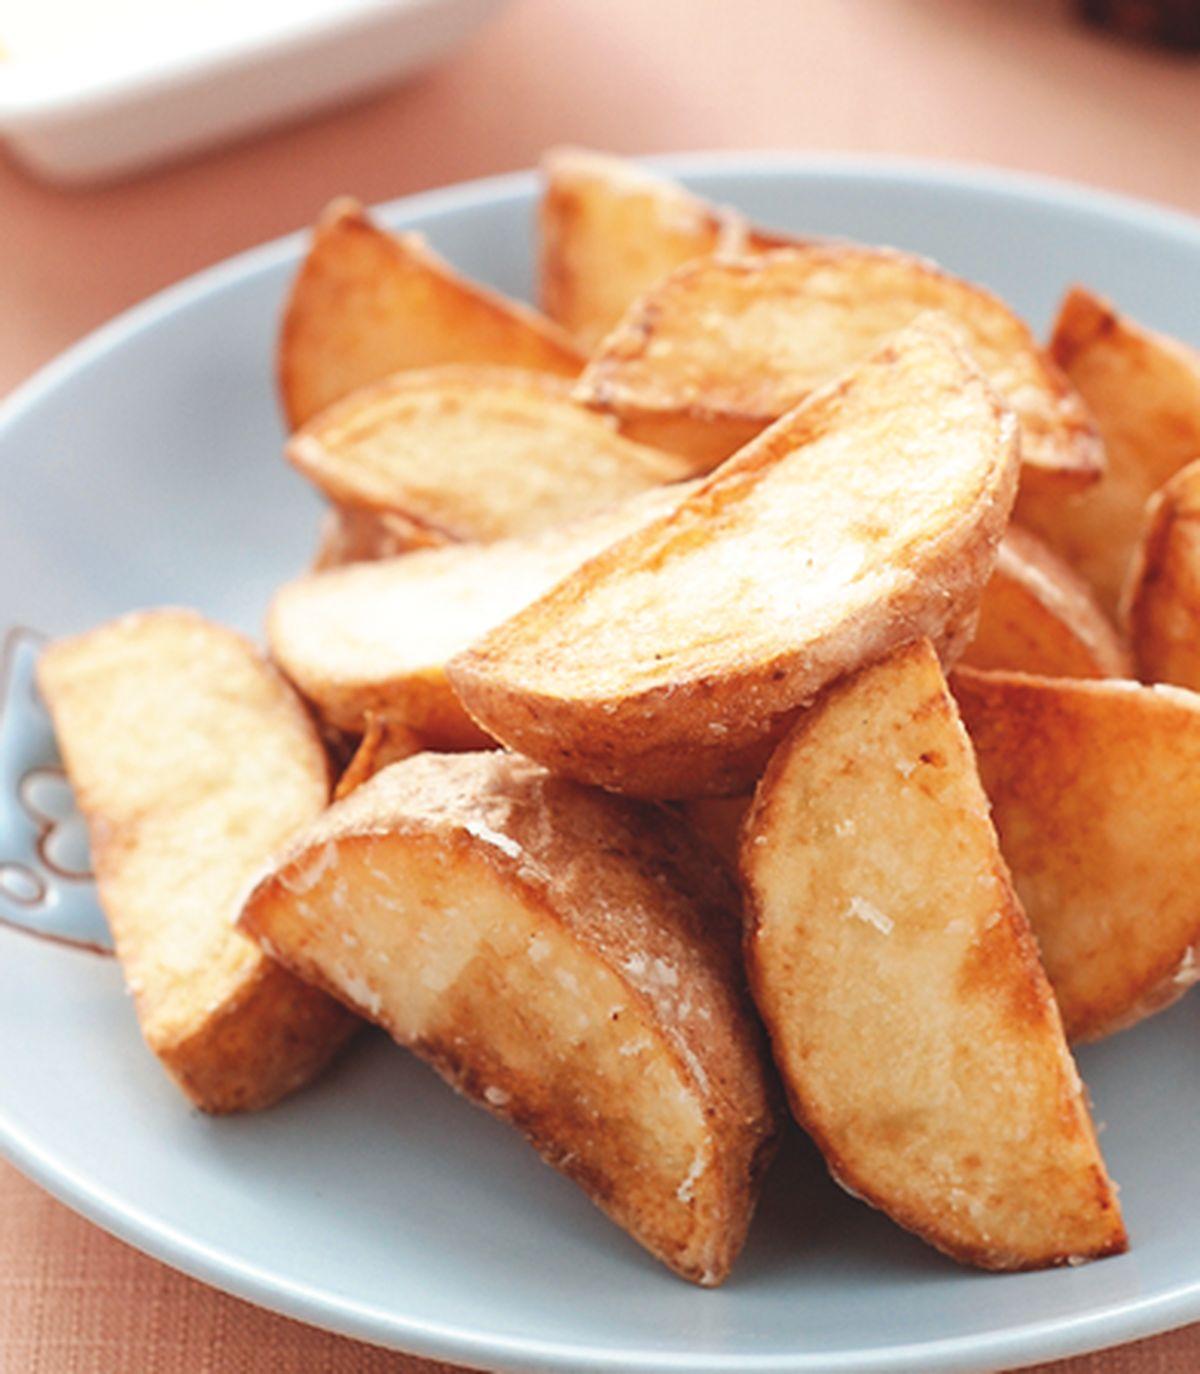 食譜:帶皮薯條